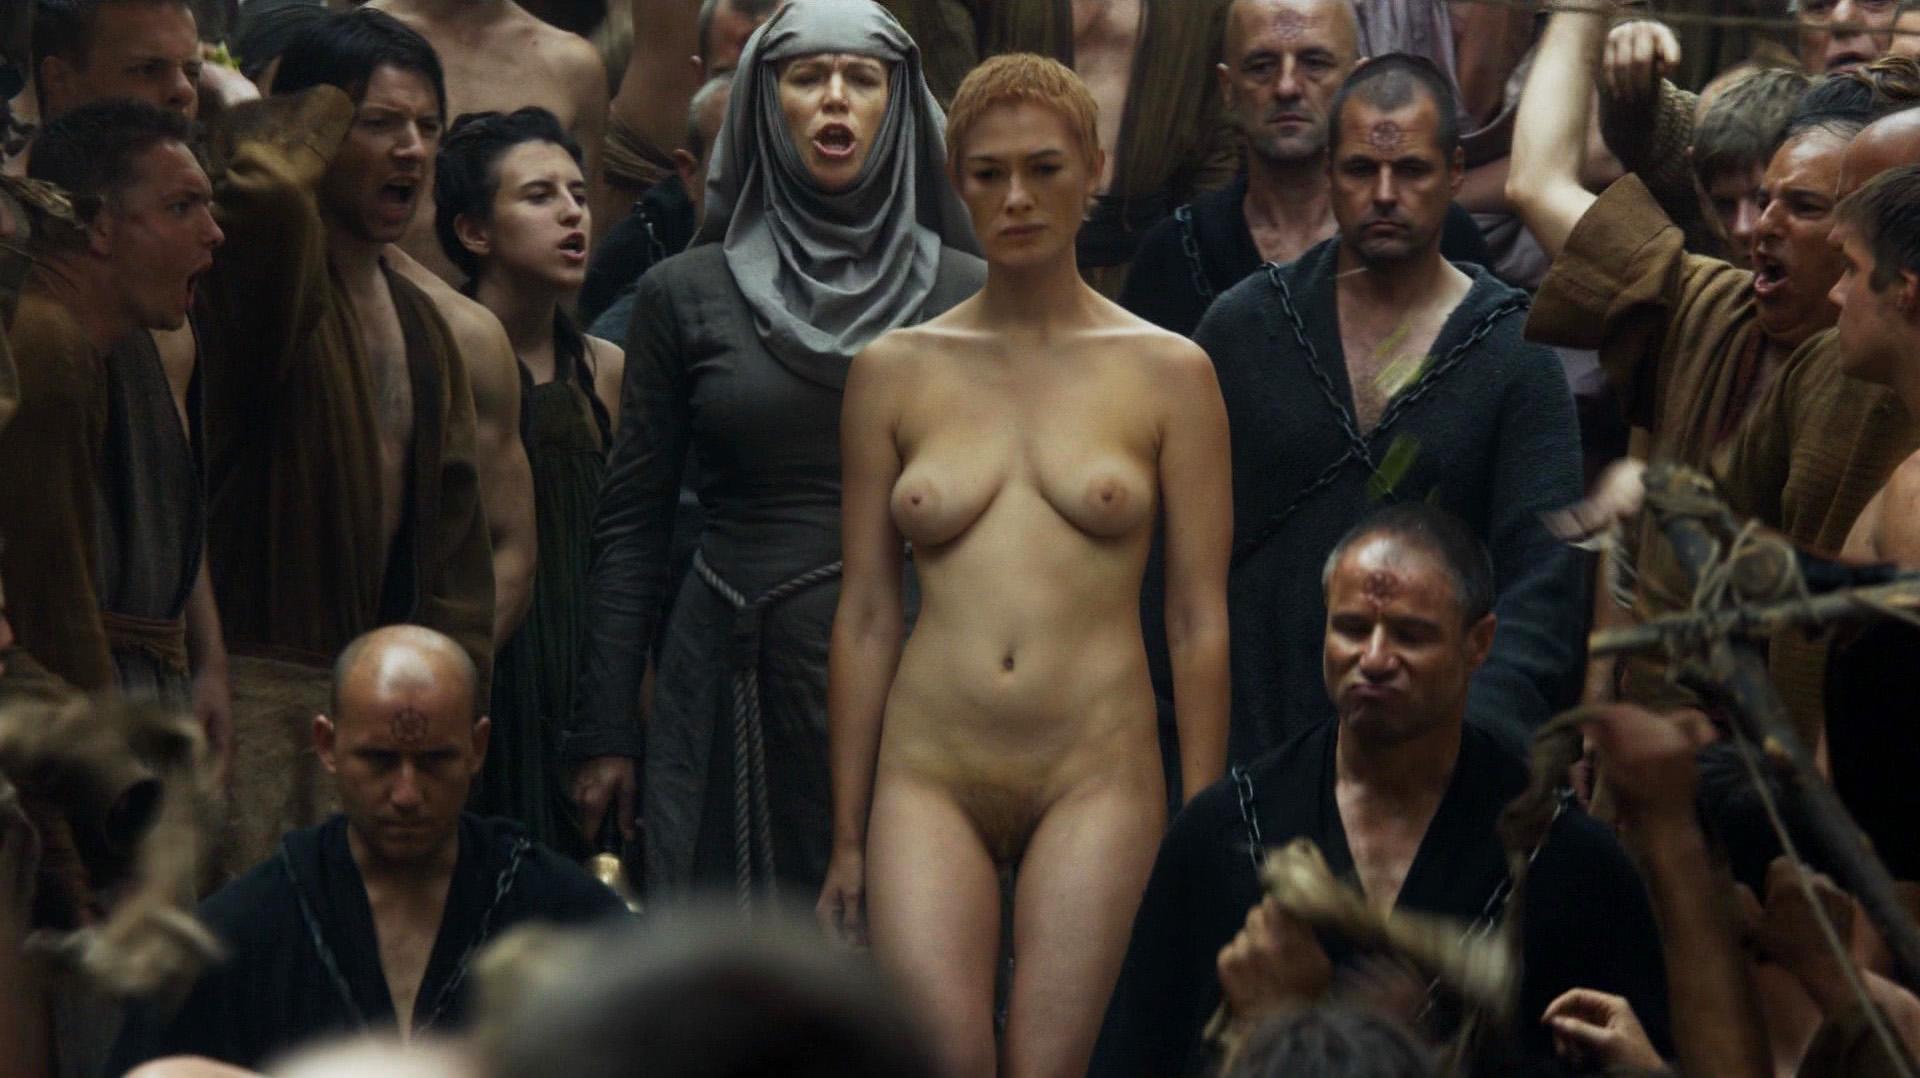 Blote borsten en ijzersterk verhaal leveren Game of Thrones Emmy-record!